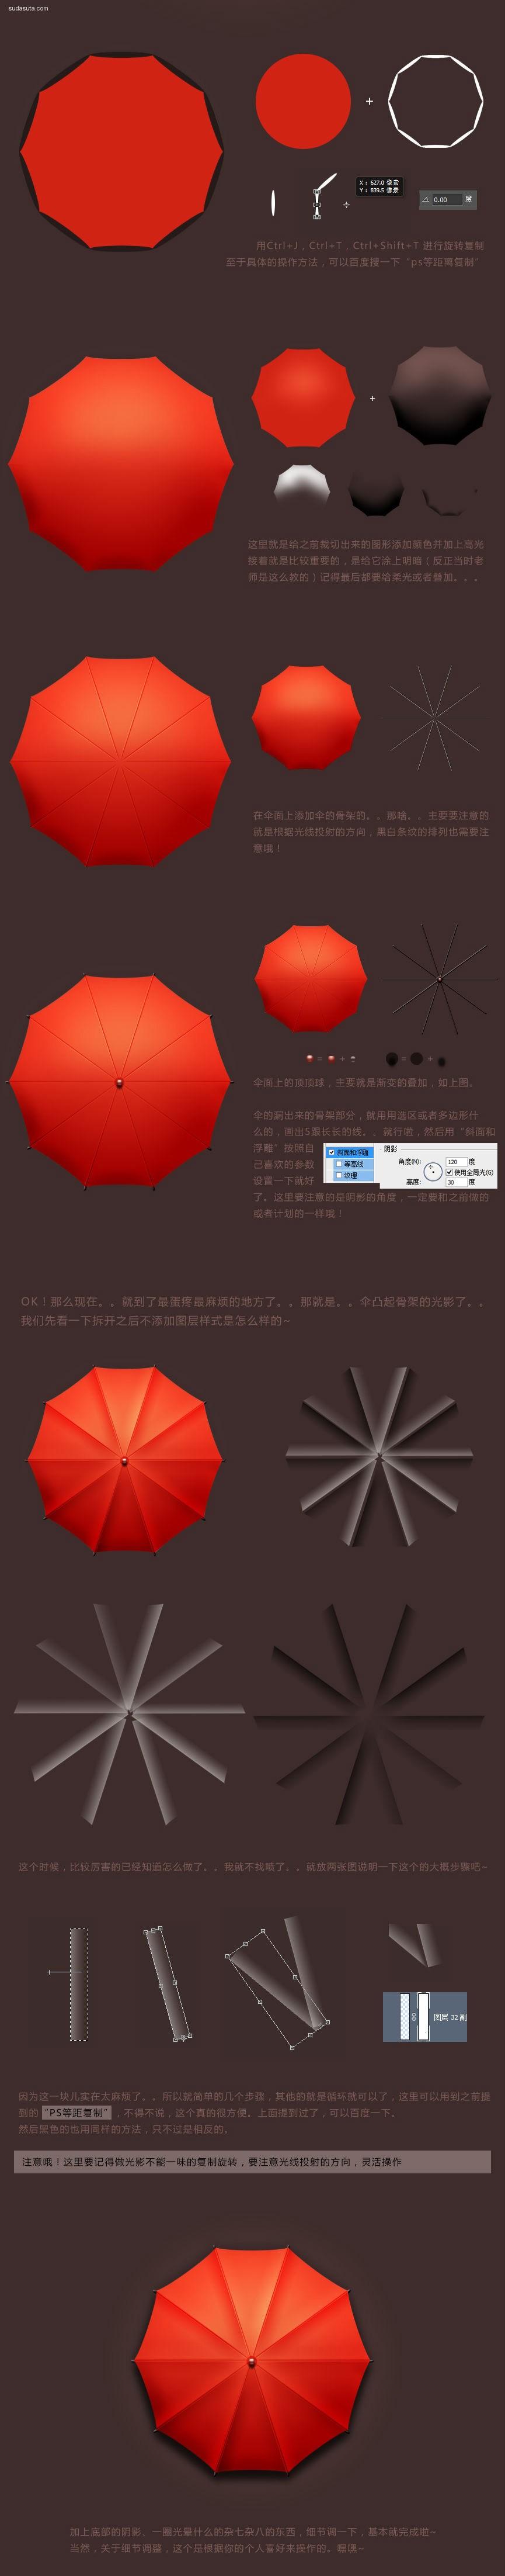 在PHOTOSHOP中打造红伞UI图标